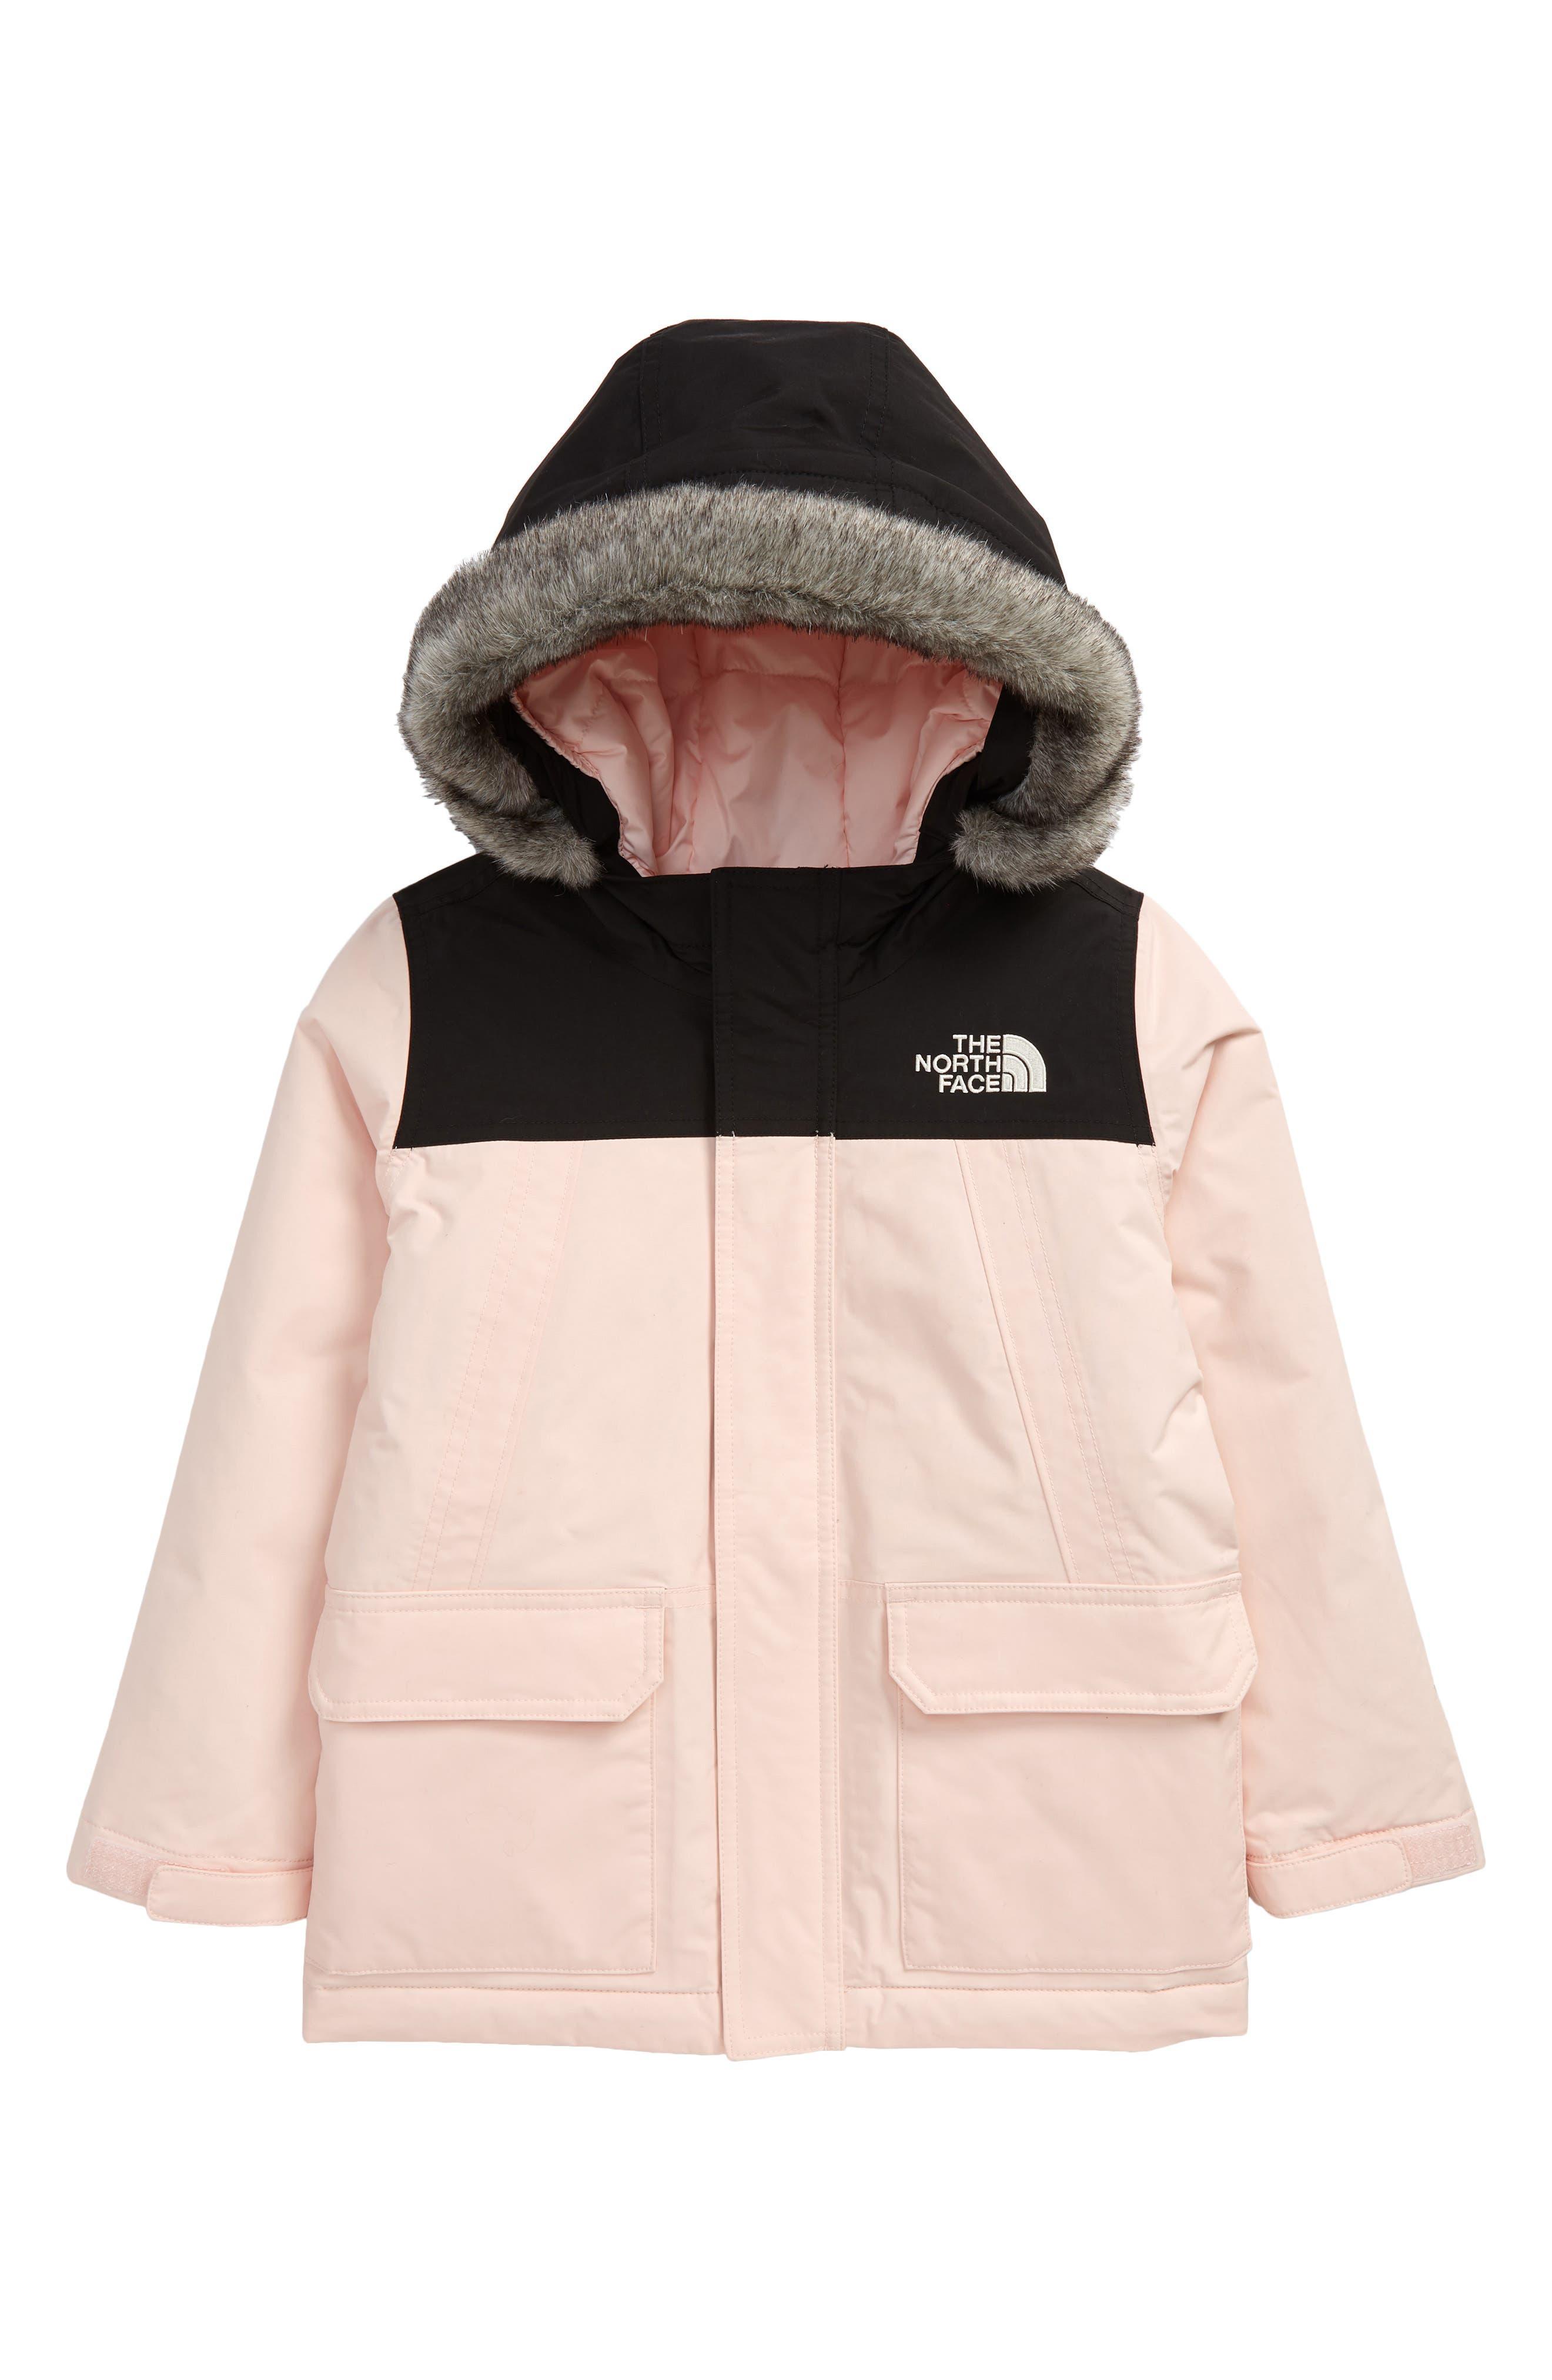 ATHEMEET Kids Cute Light Quilted Winter Coat Puffer Down Winter Hooded Jcaket with Zipper